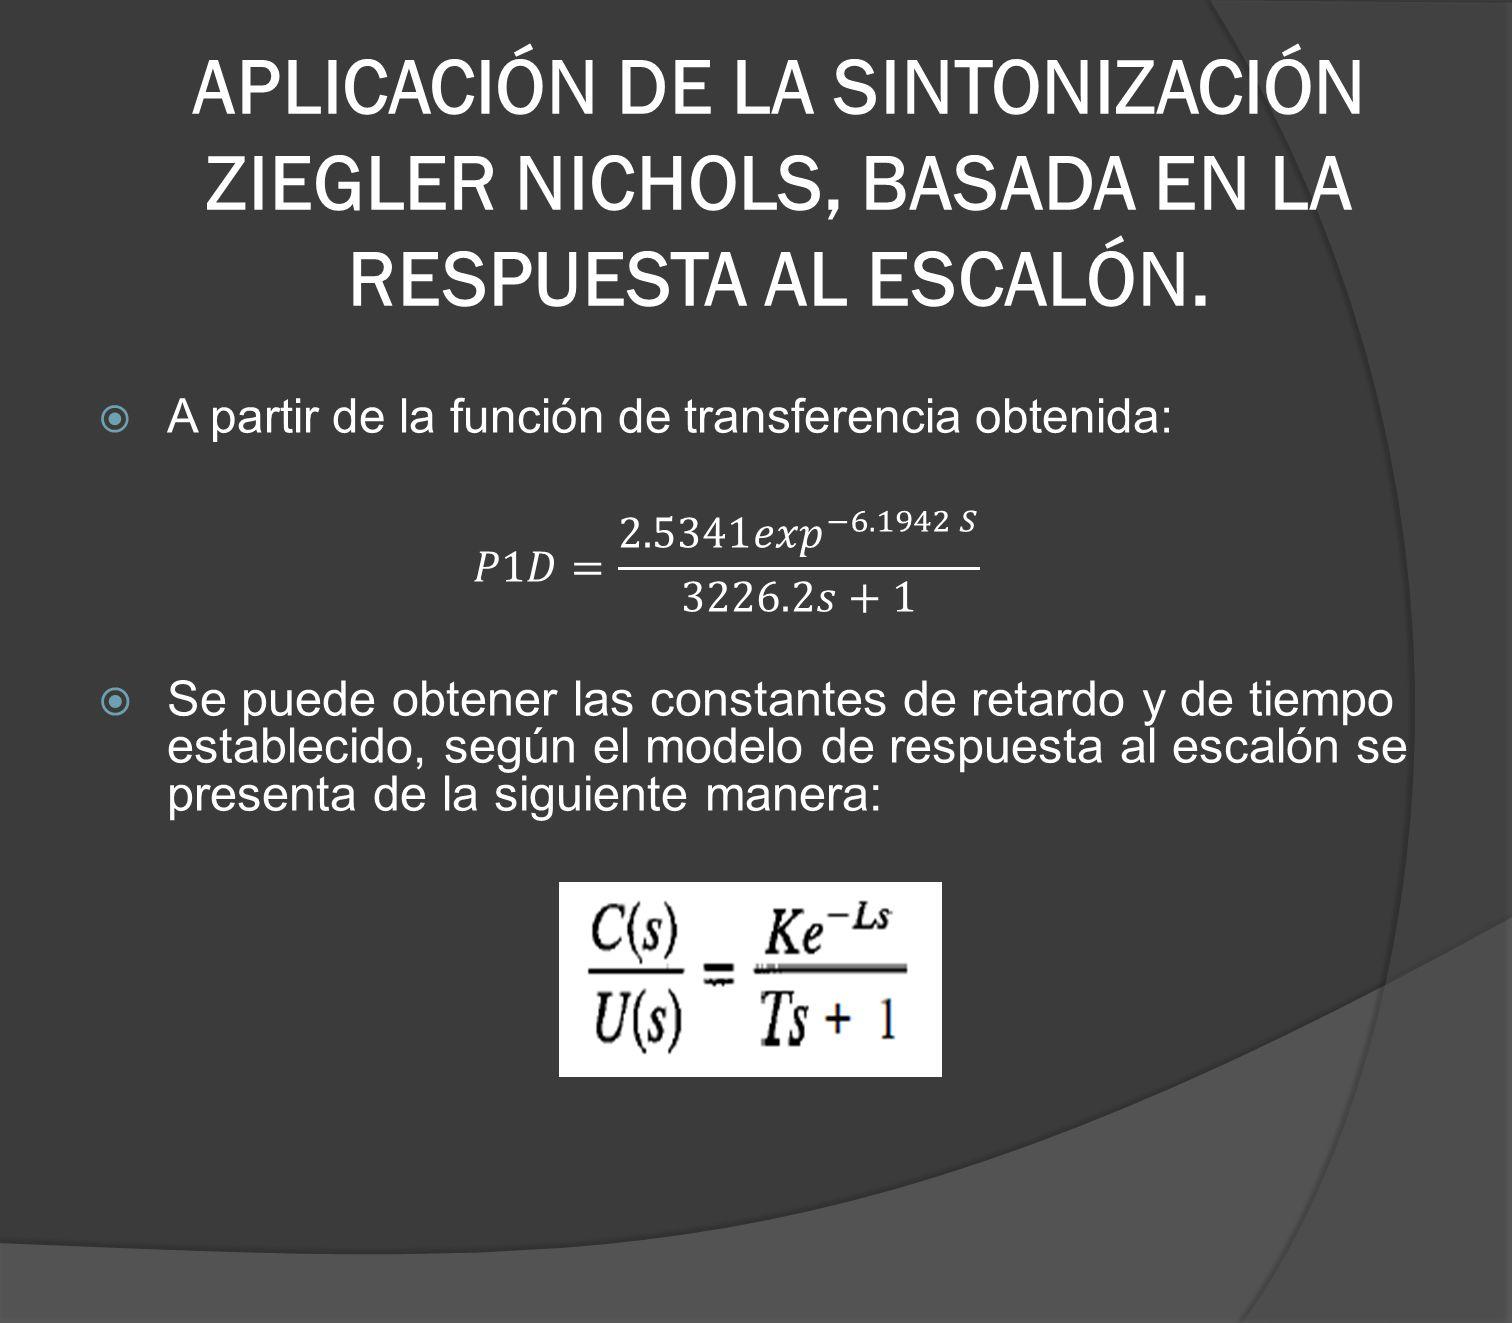 APLICACIÓN DE LA SINTONIZACIÓN ZIEGLER NICHOLS, BASADA EN LA RESPUESTA AL ESCALÓN.